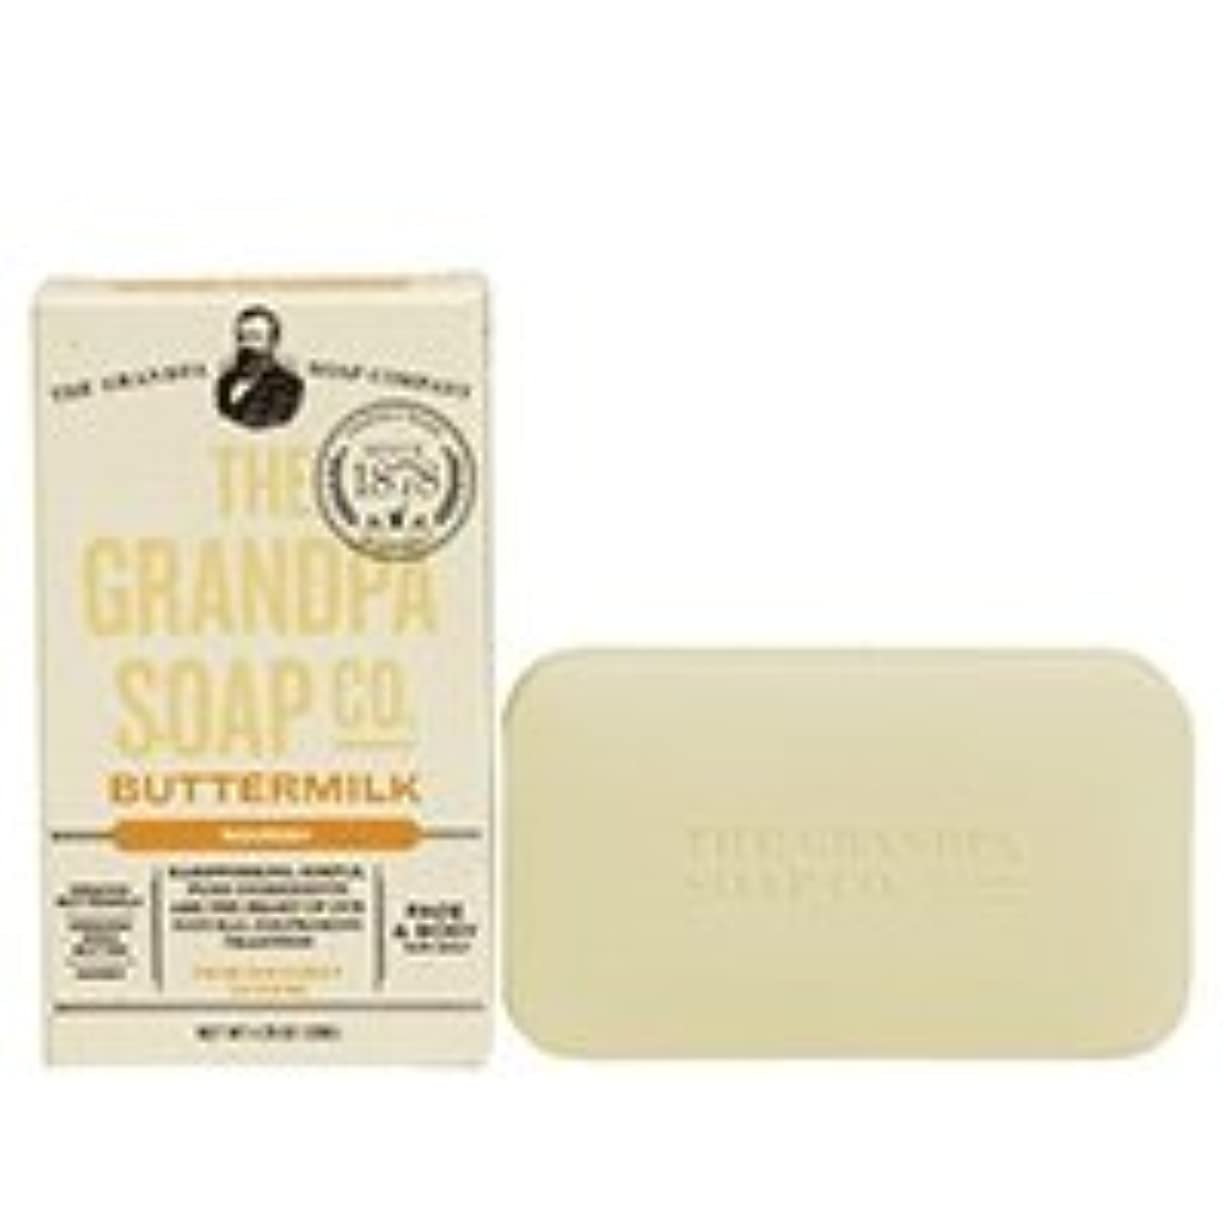 グランパ バターミルクナリッシュソープ 3.25oz(約92g)2個